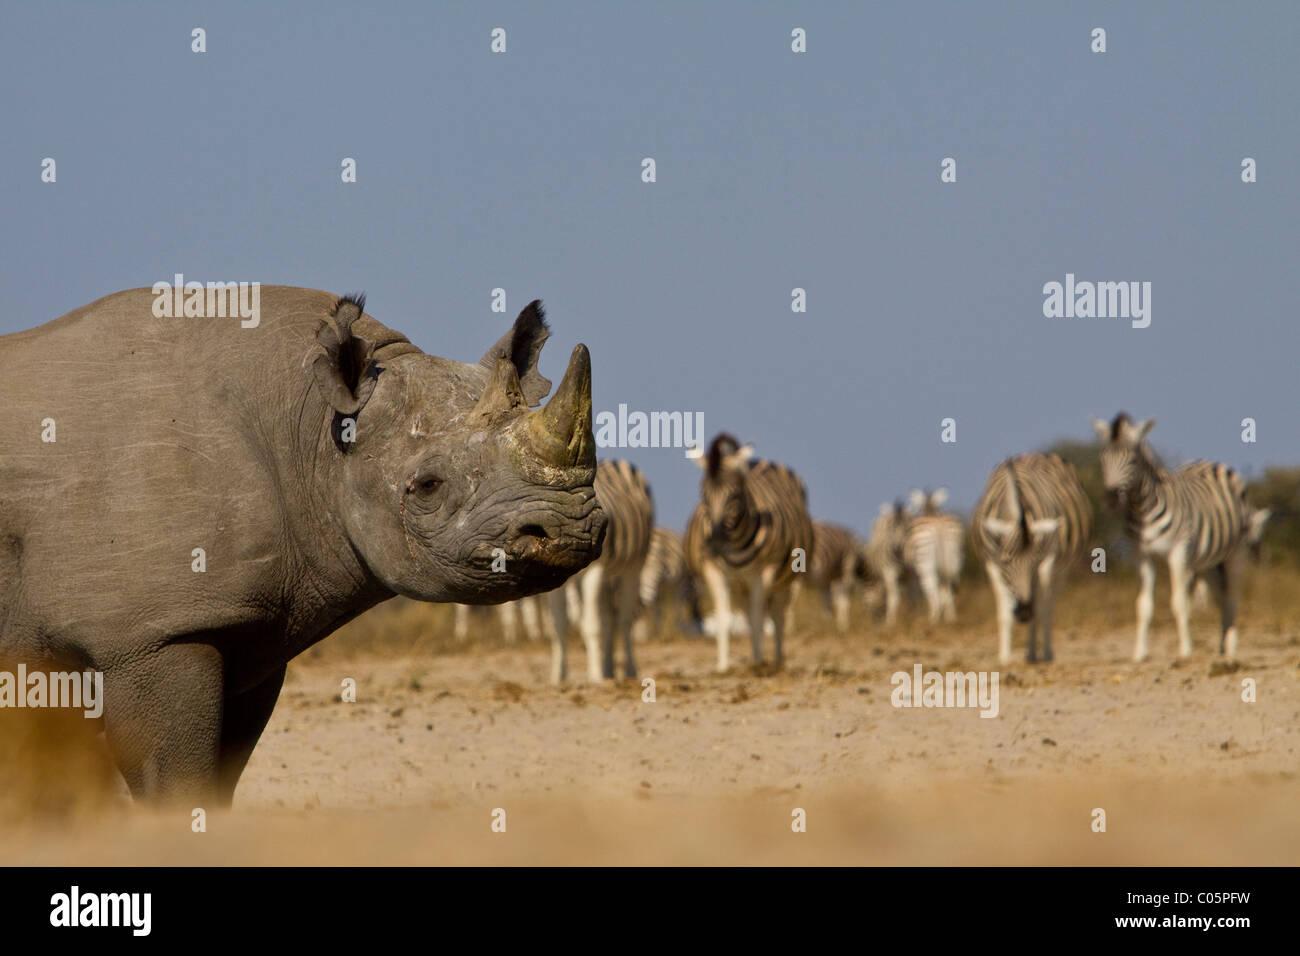 Les rhinocéros noirs et Zebra, Etosha National Park, Namibie. Photo Stock